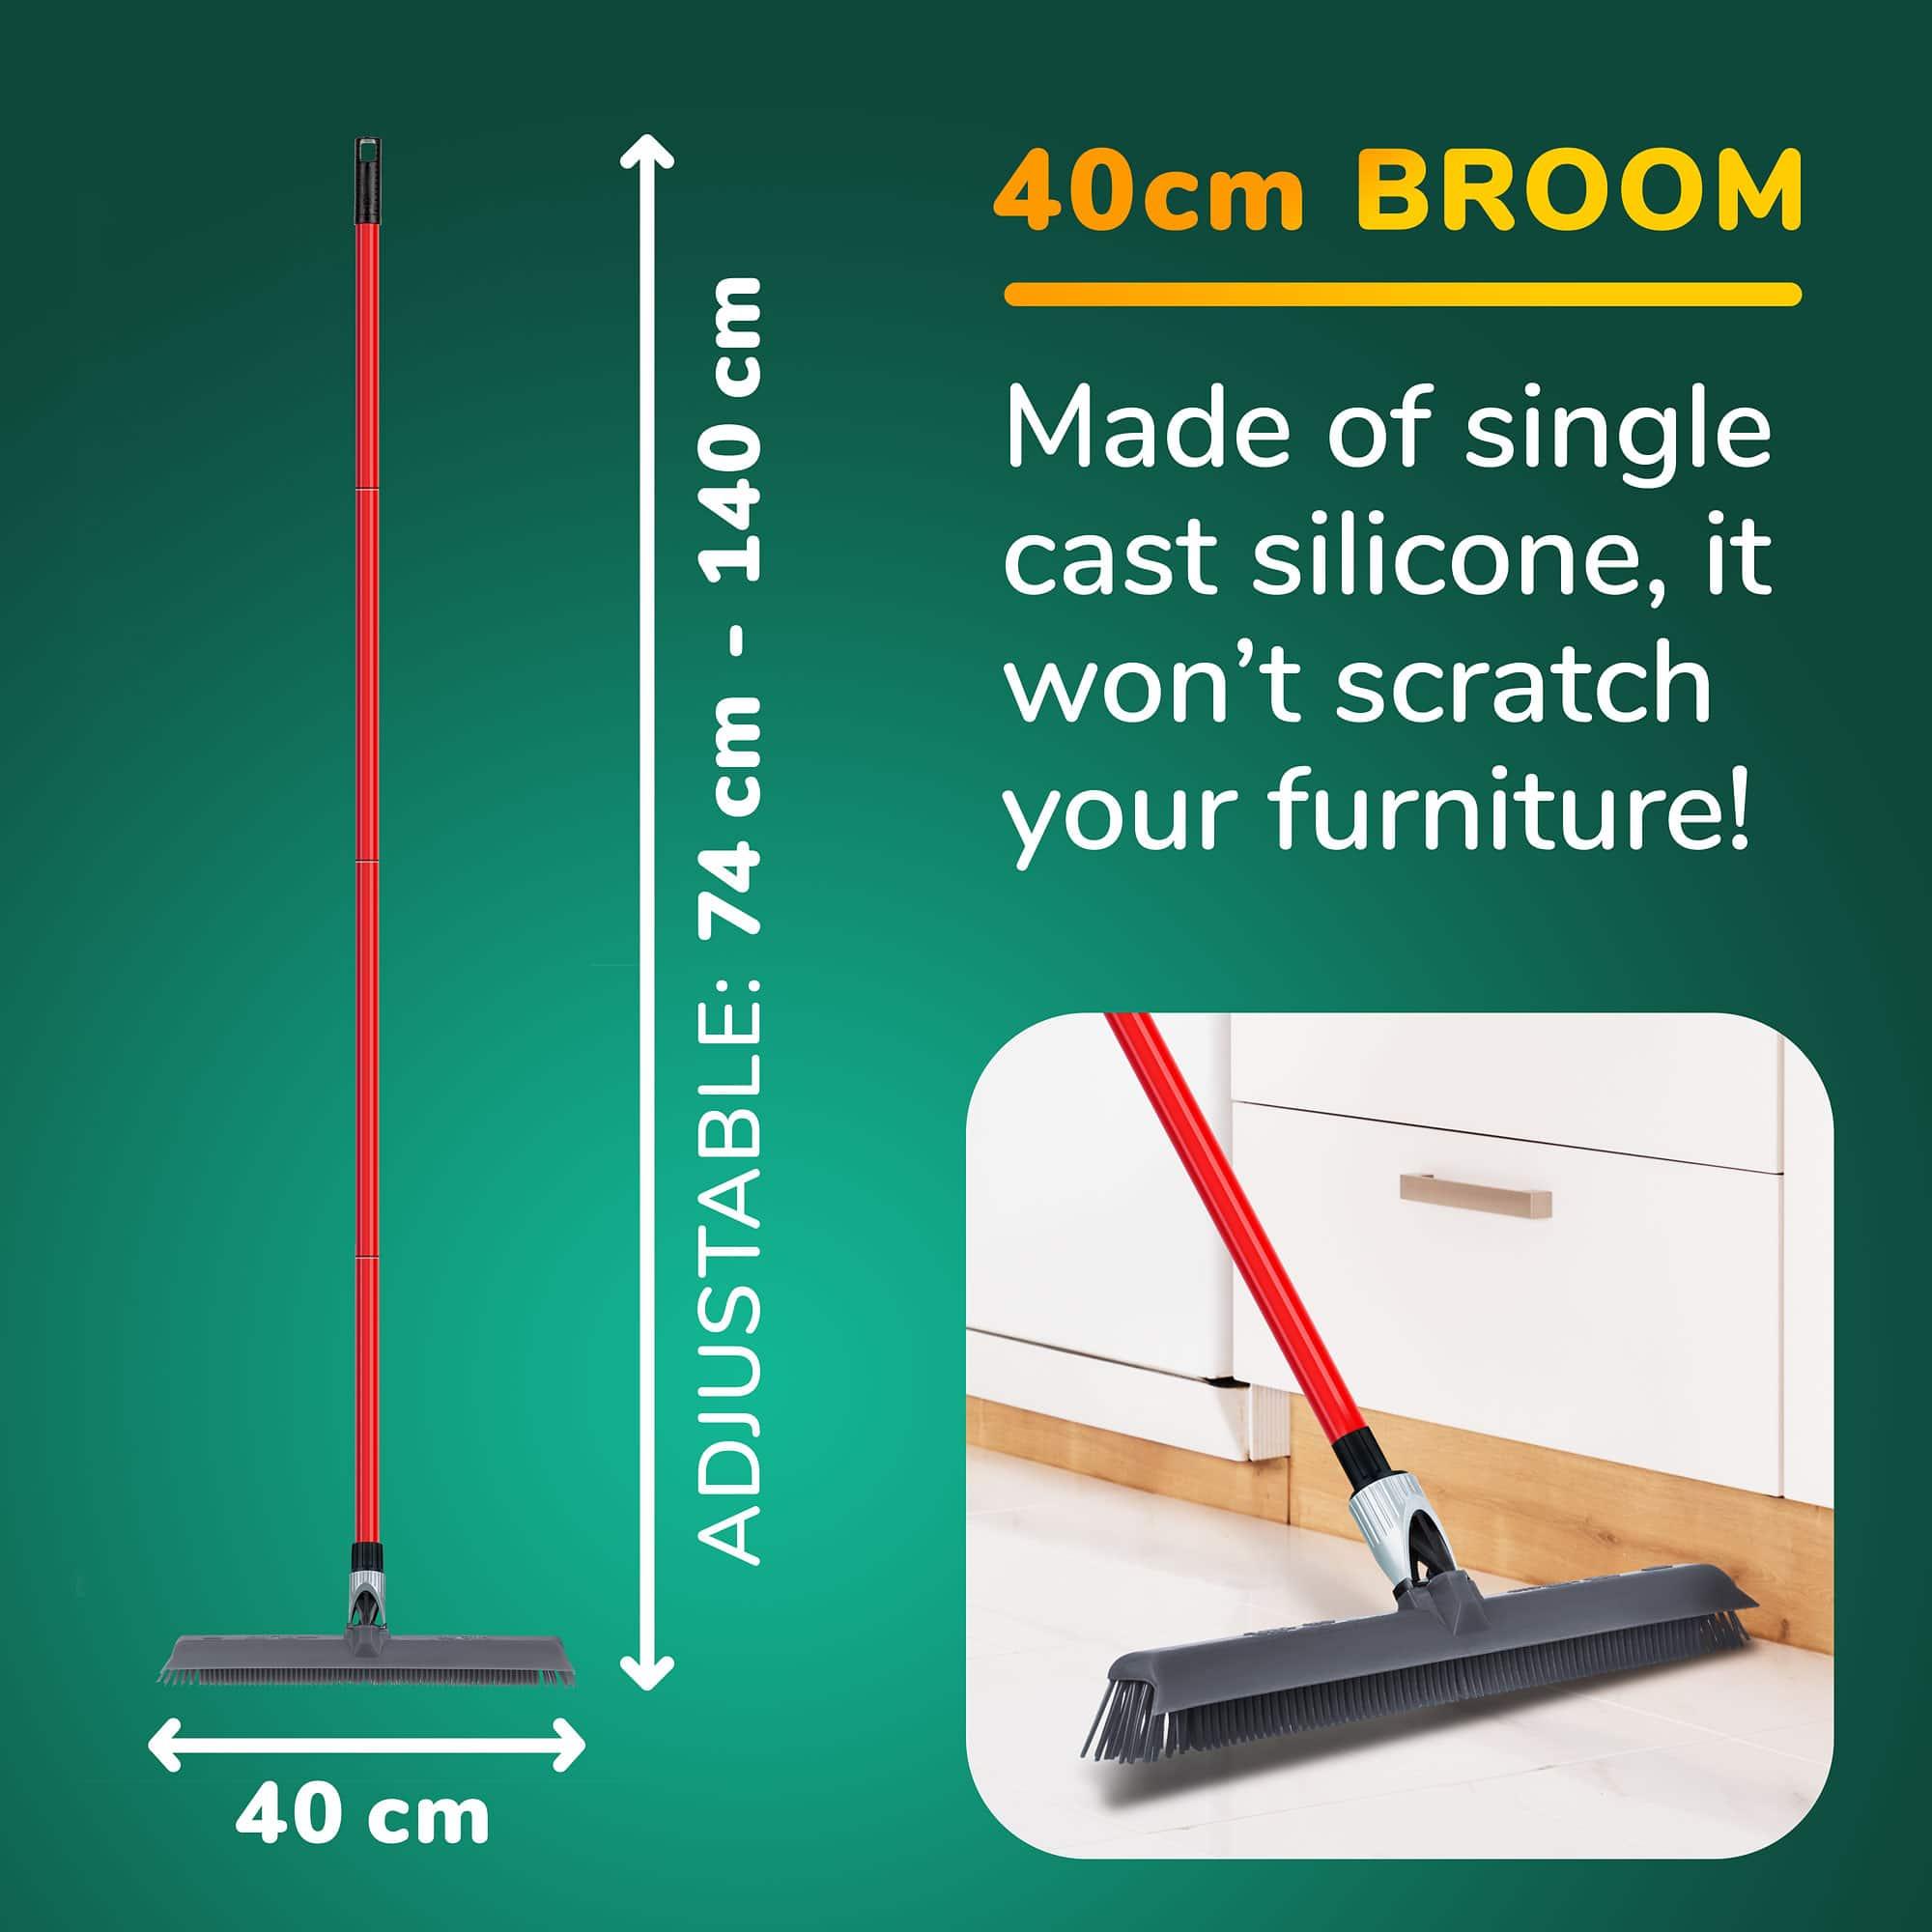 Silicone Broom